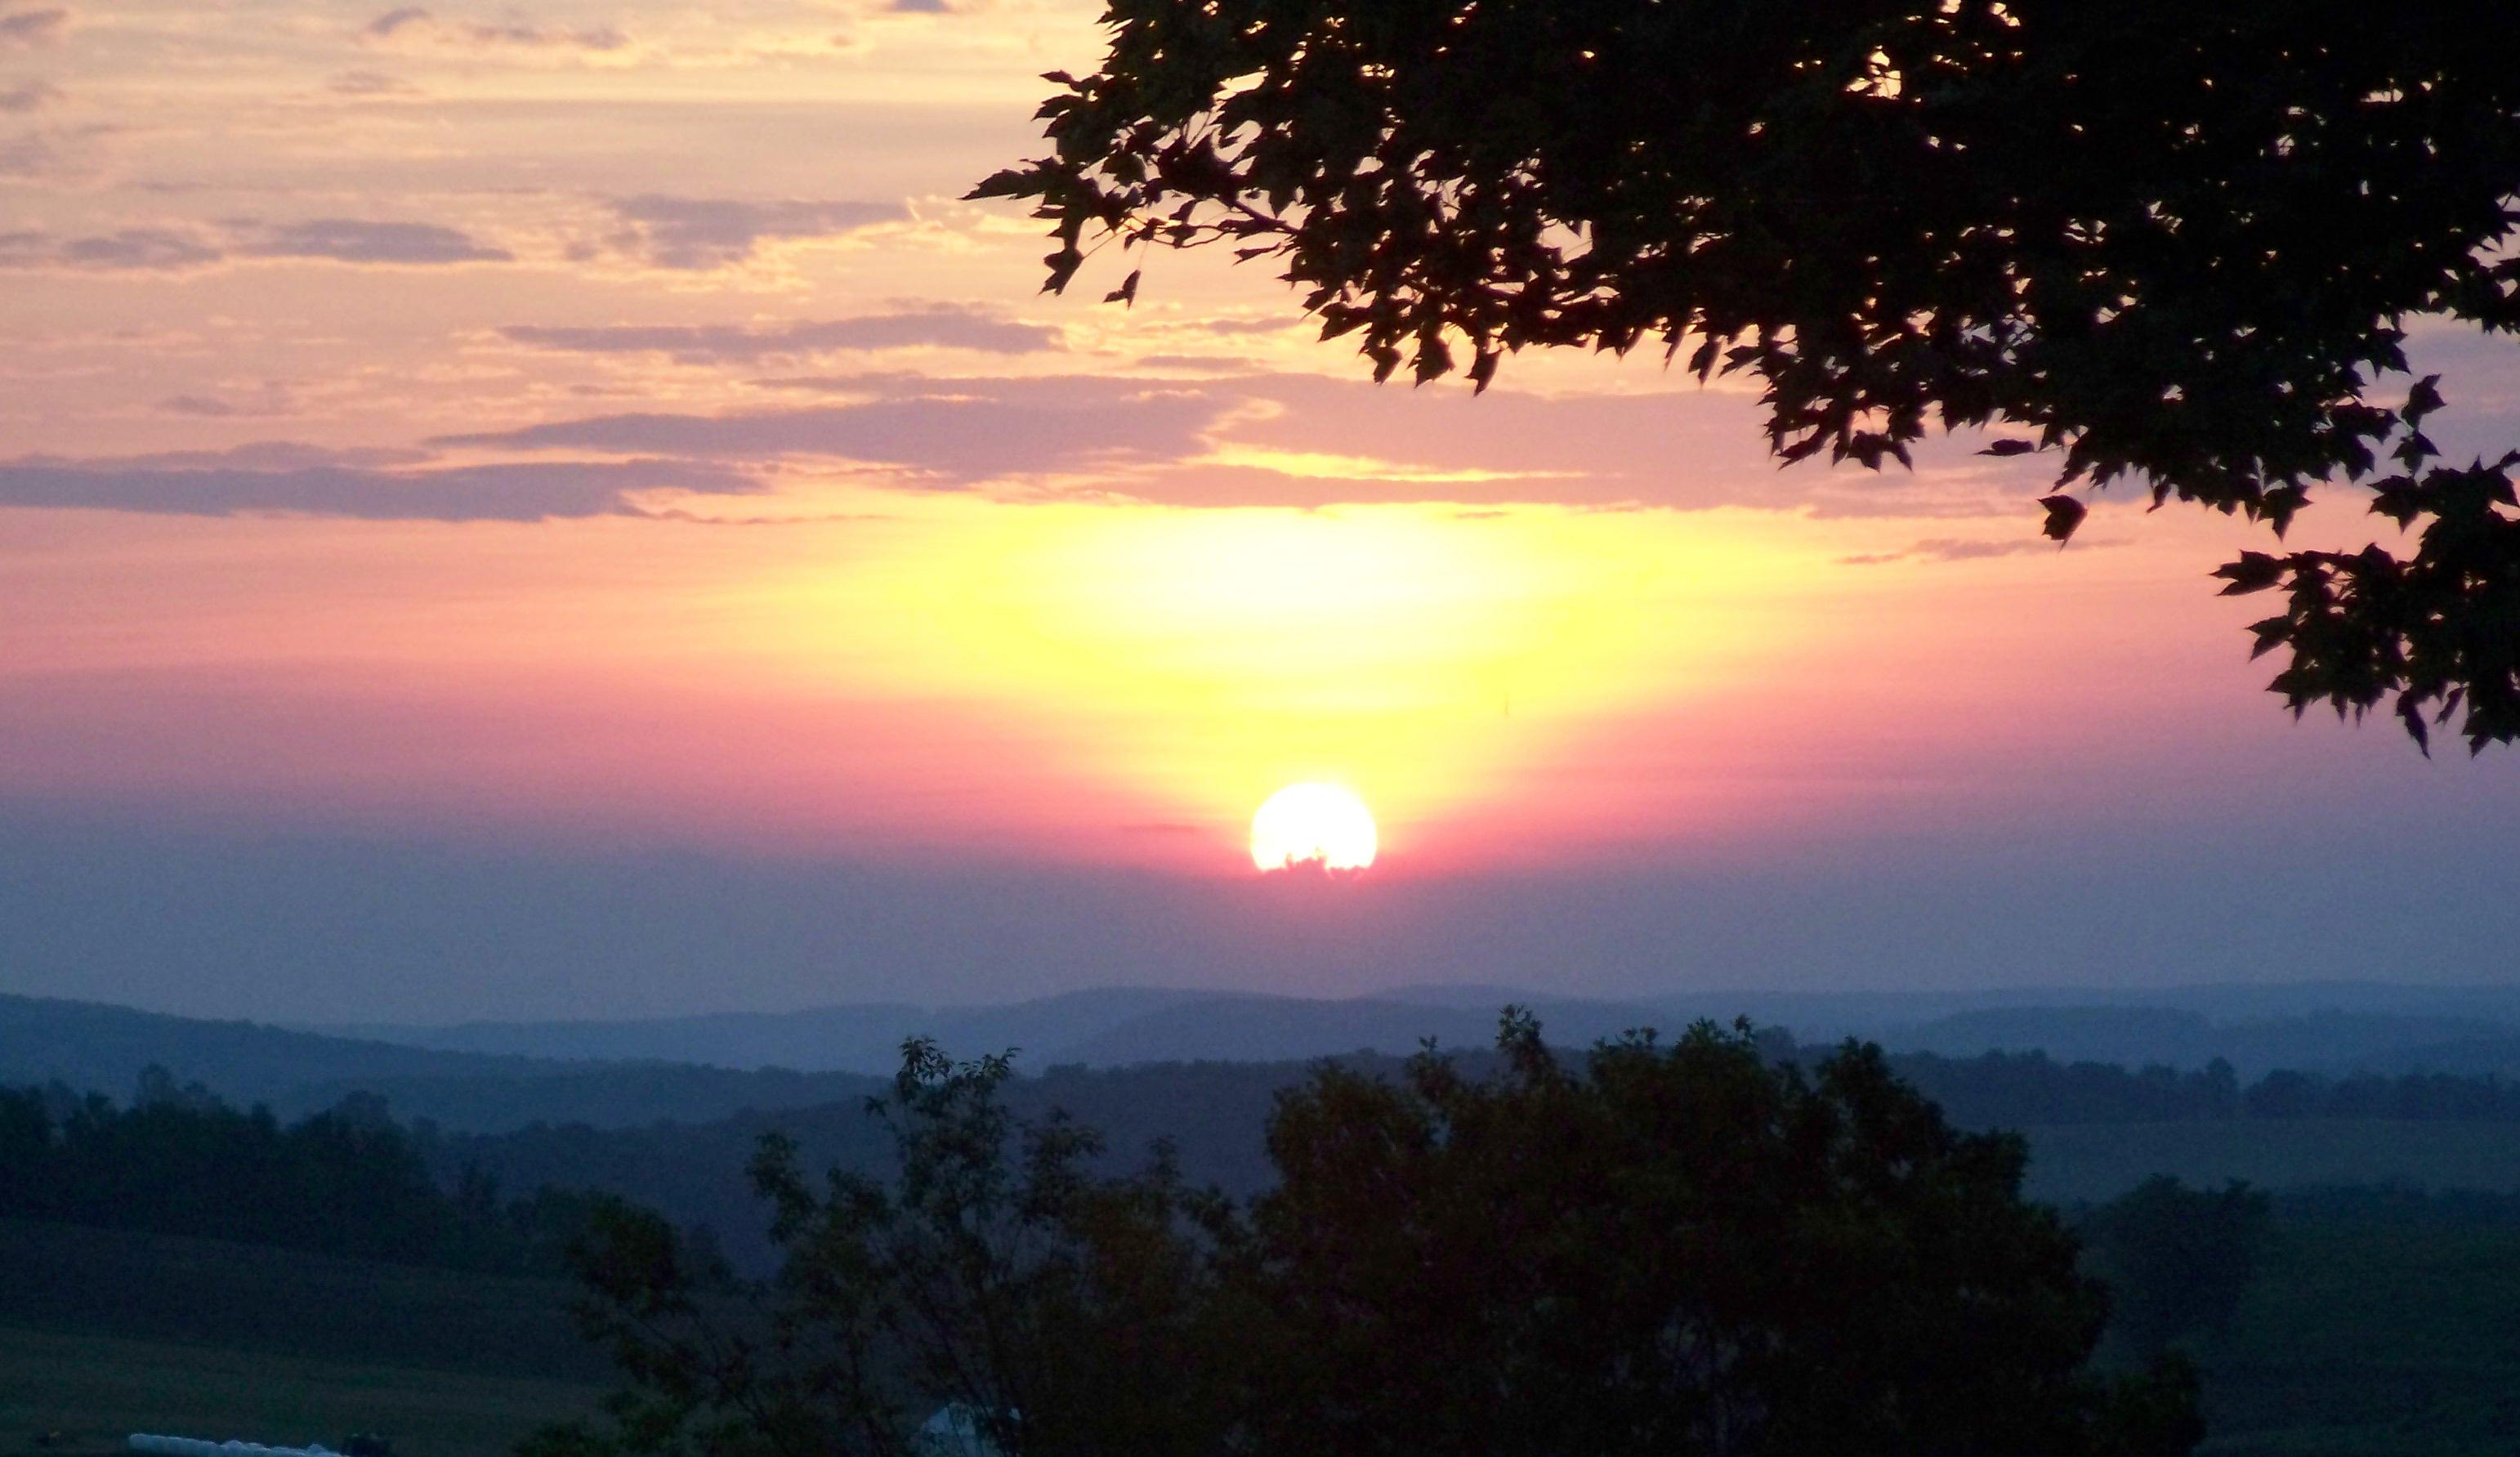 Sunrise in Tioga